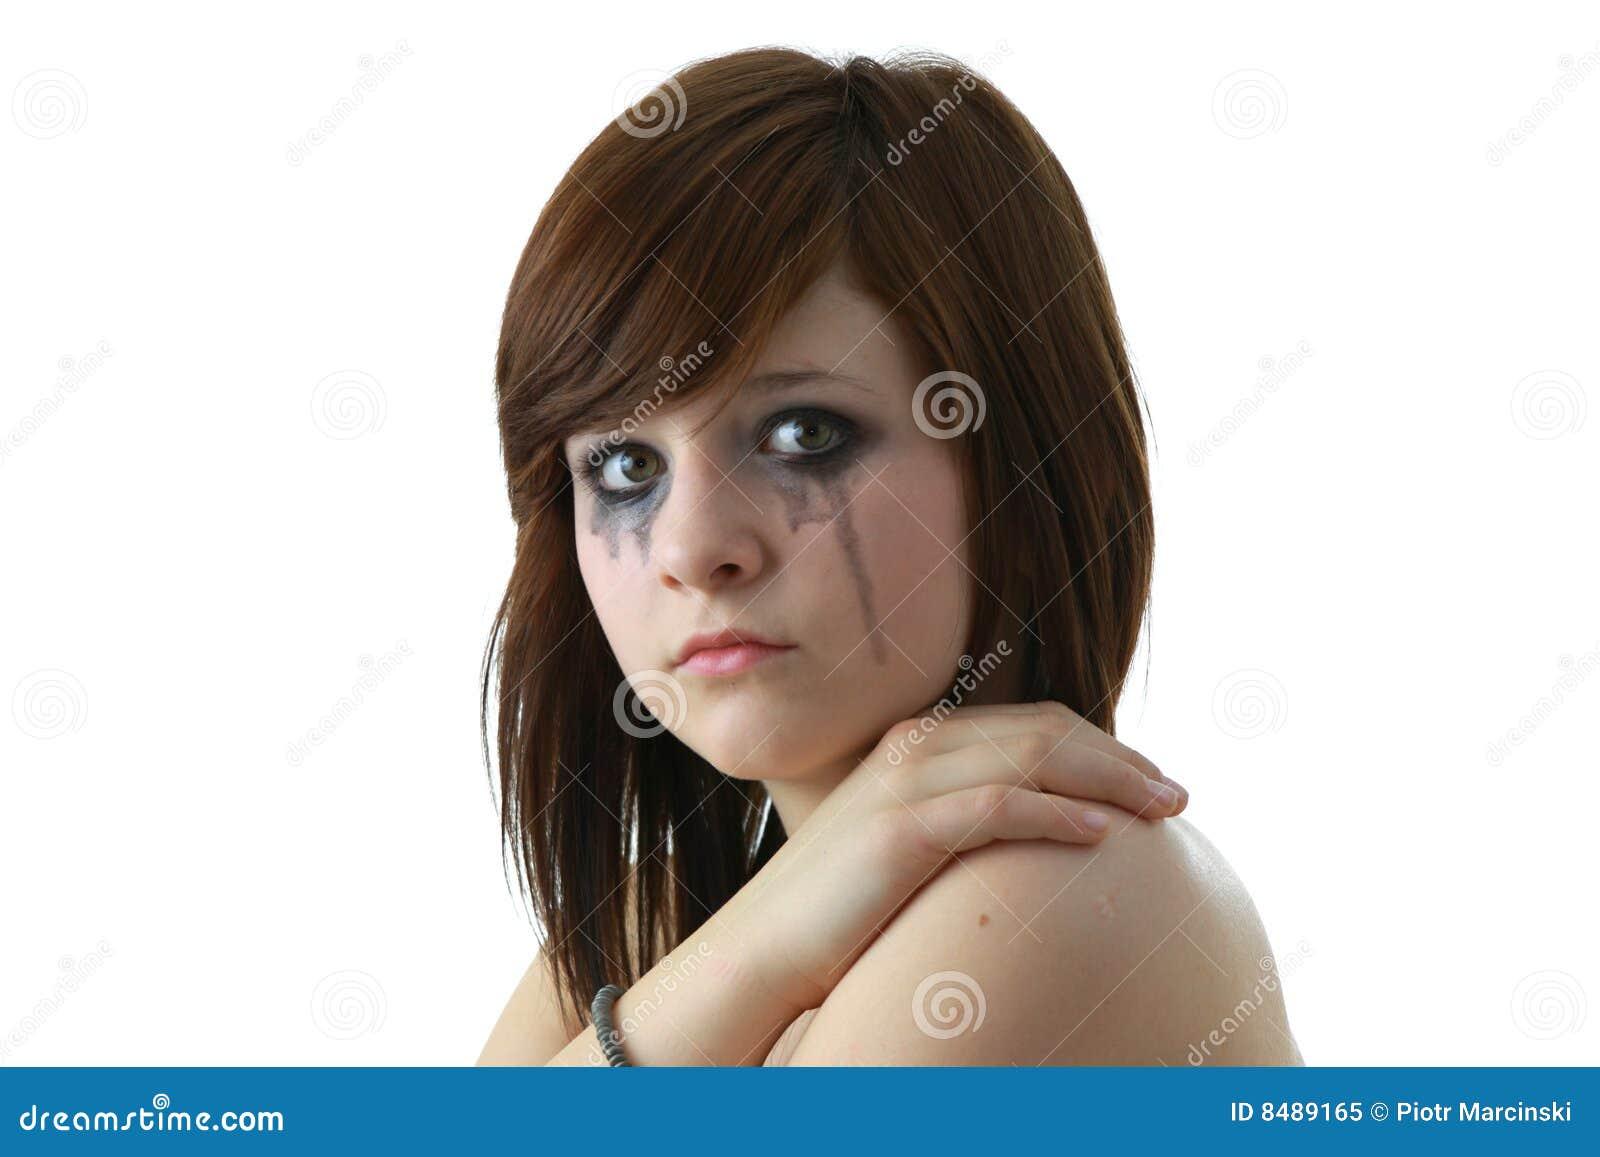 Ξανθιά έφηβος κορίτσια γυμνό